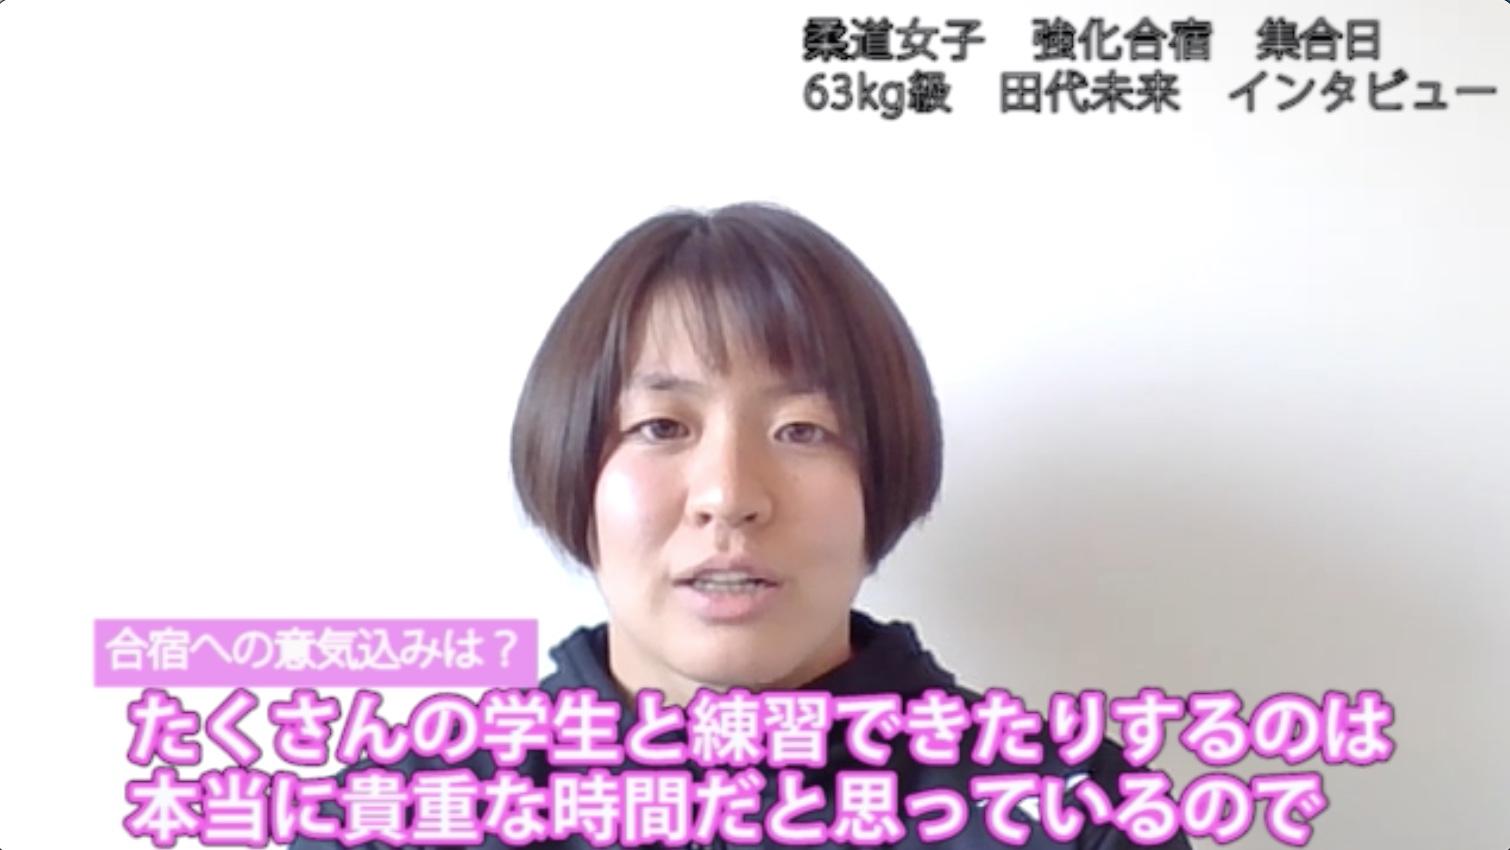 【柔道】五輪代表合宿スタート 田代未来「粘り強く戦い切る」